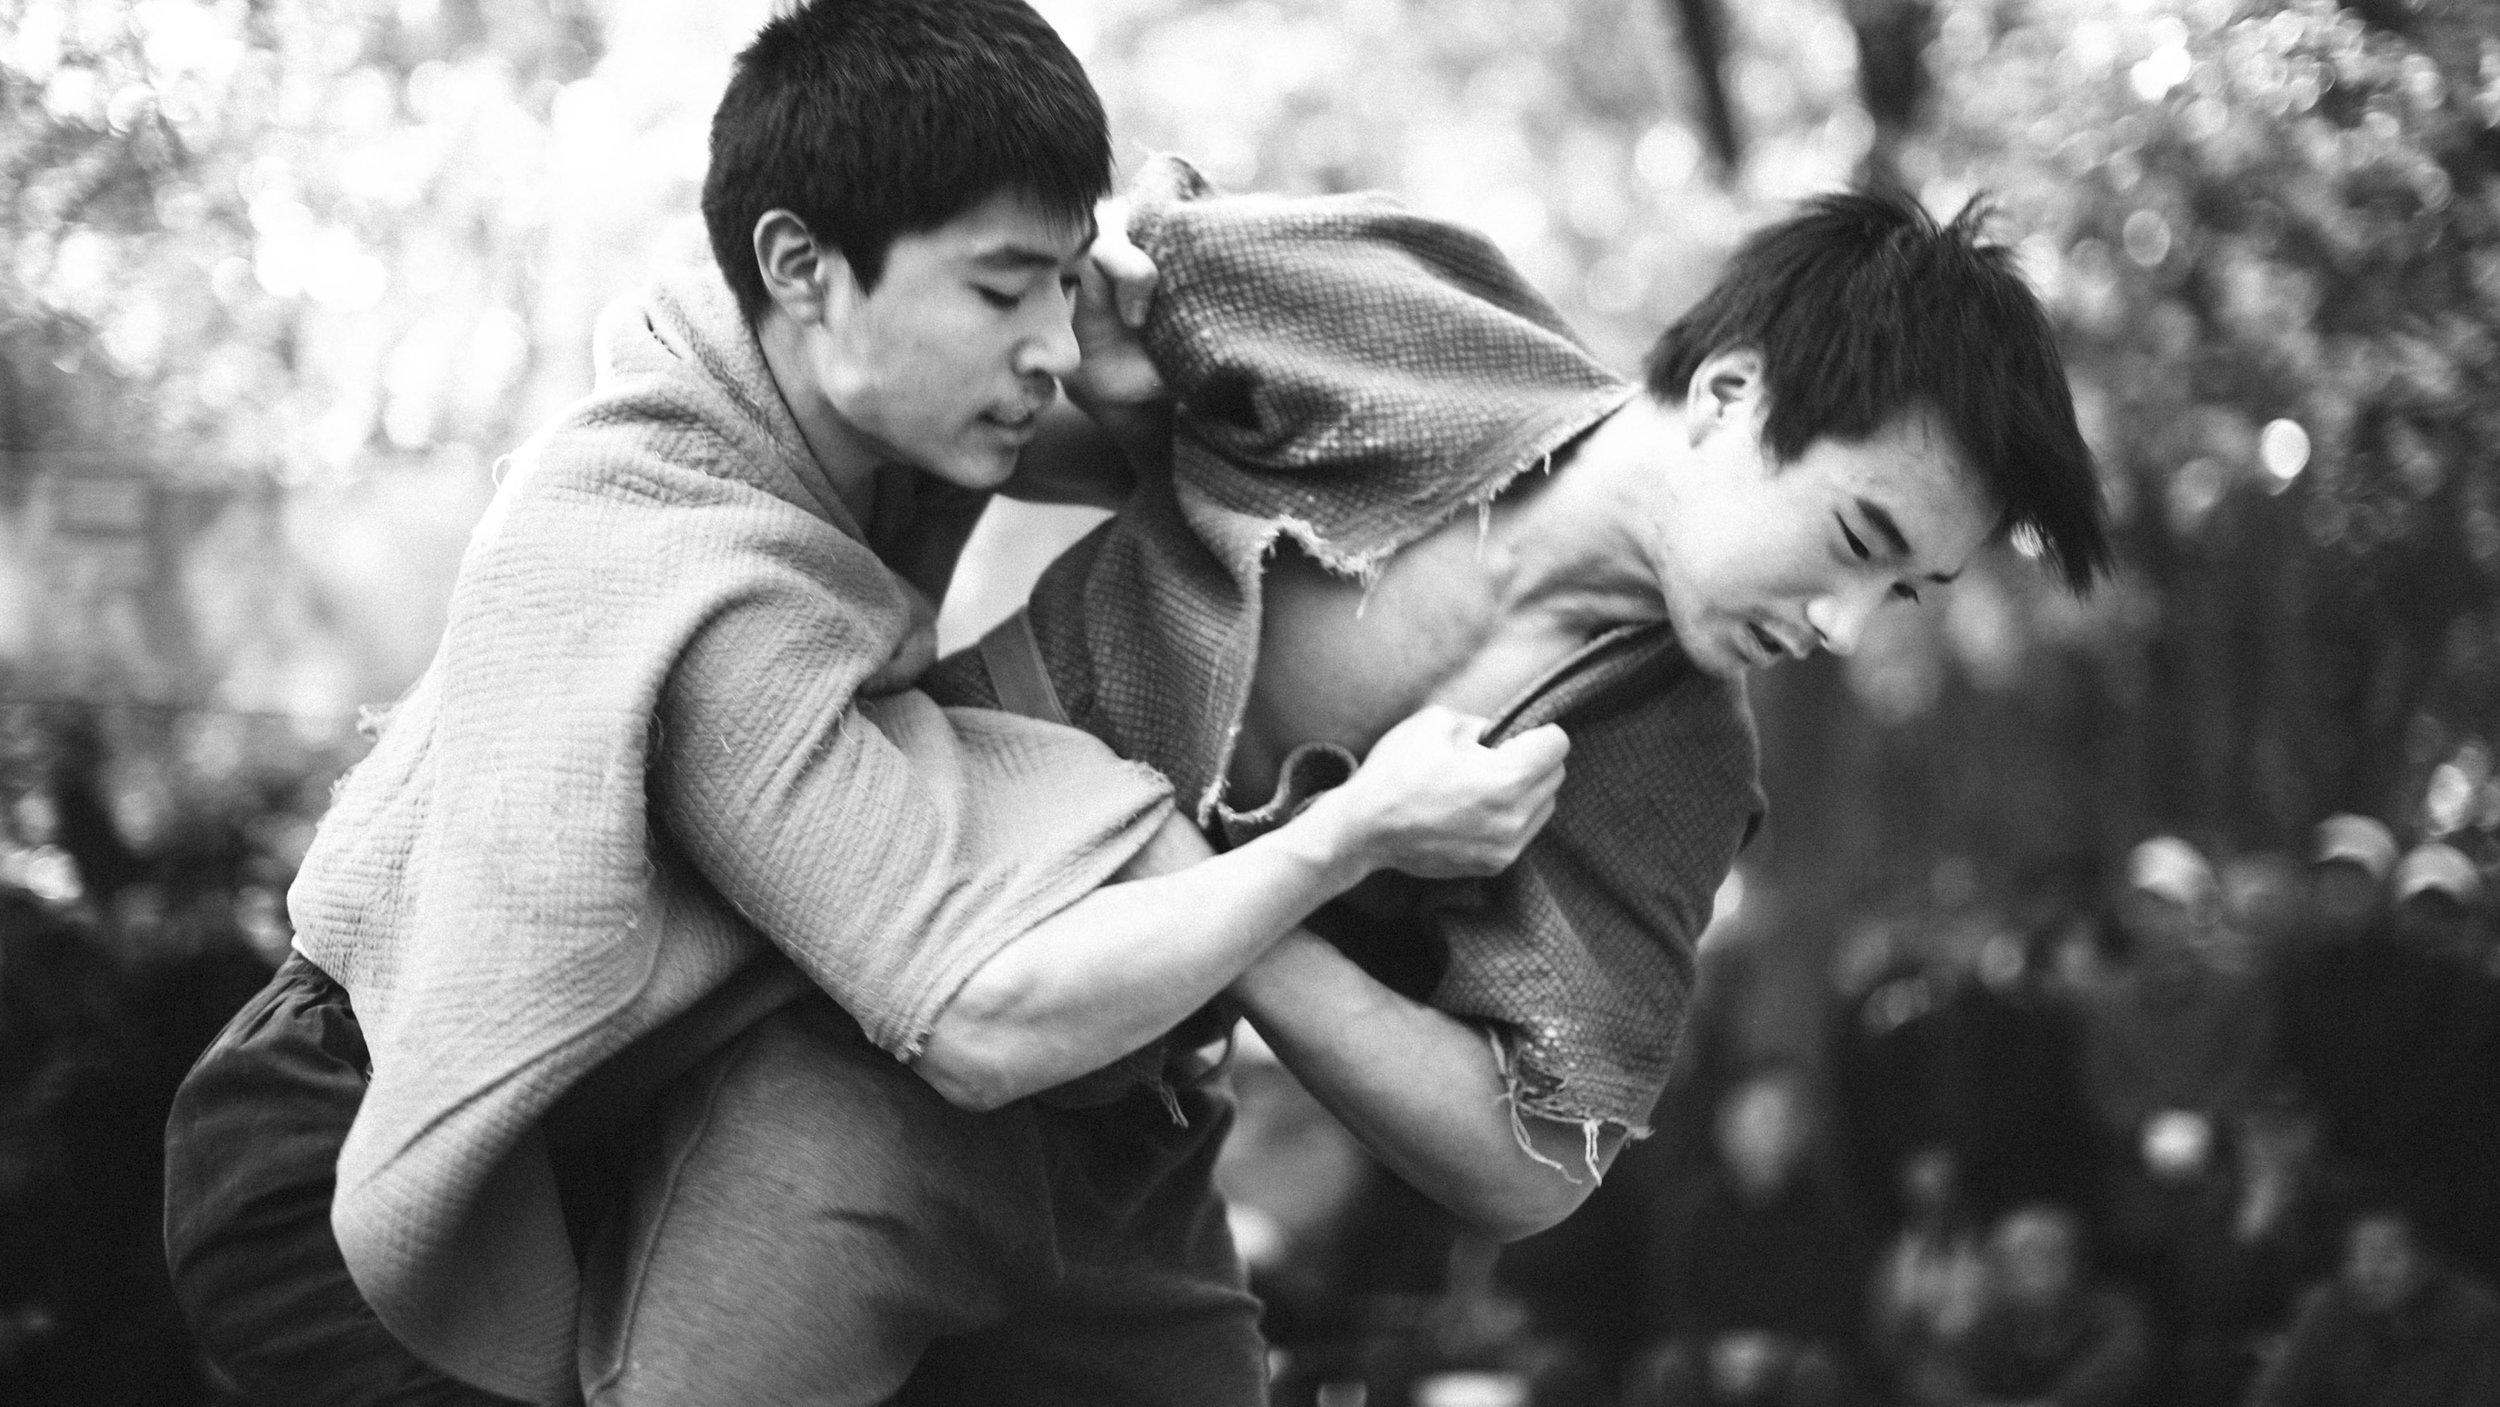 Mongolian Wrestling092.jpg